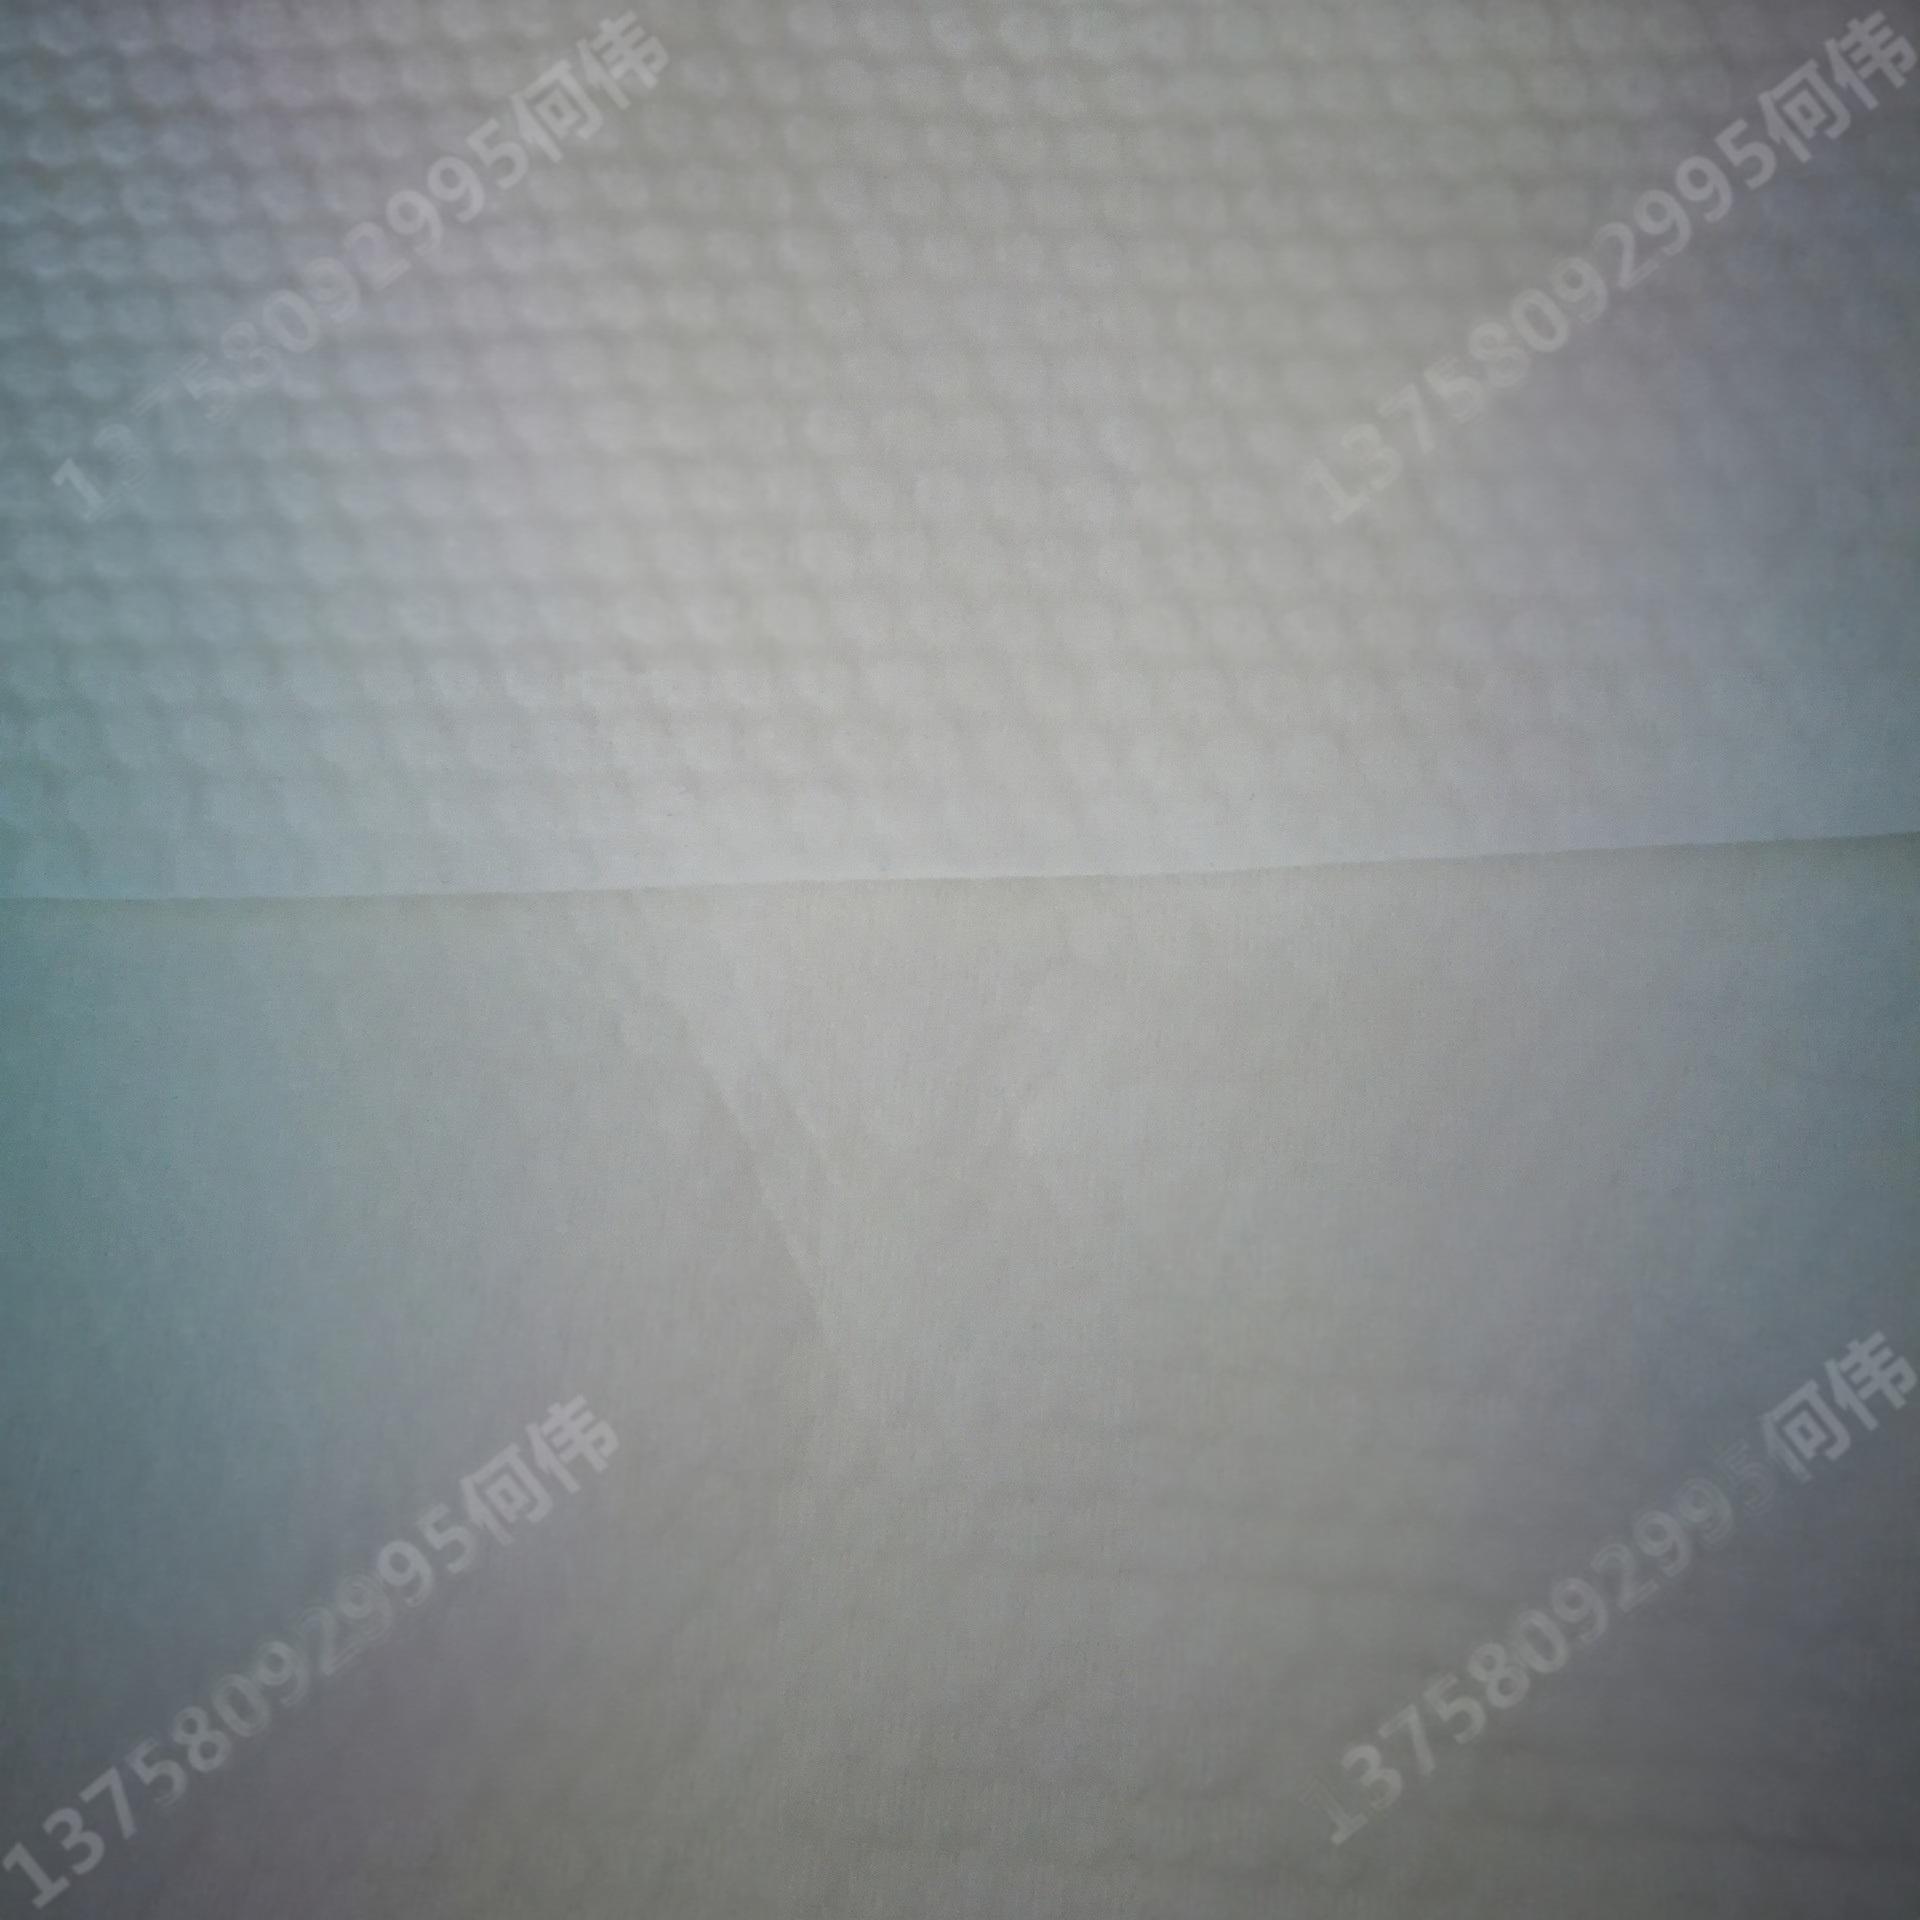 網孔竹纖維水刺布